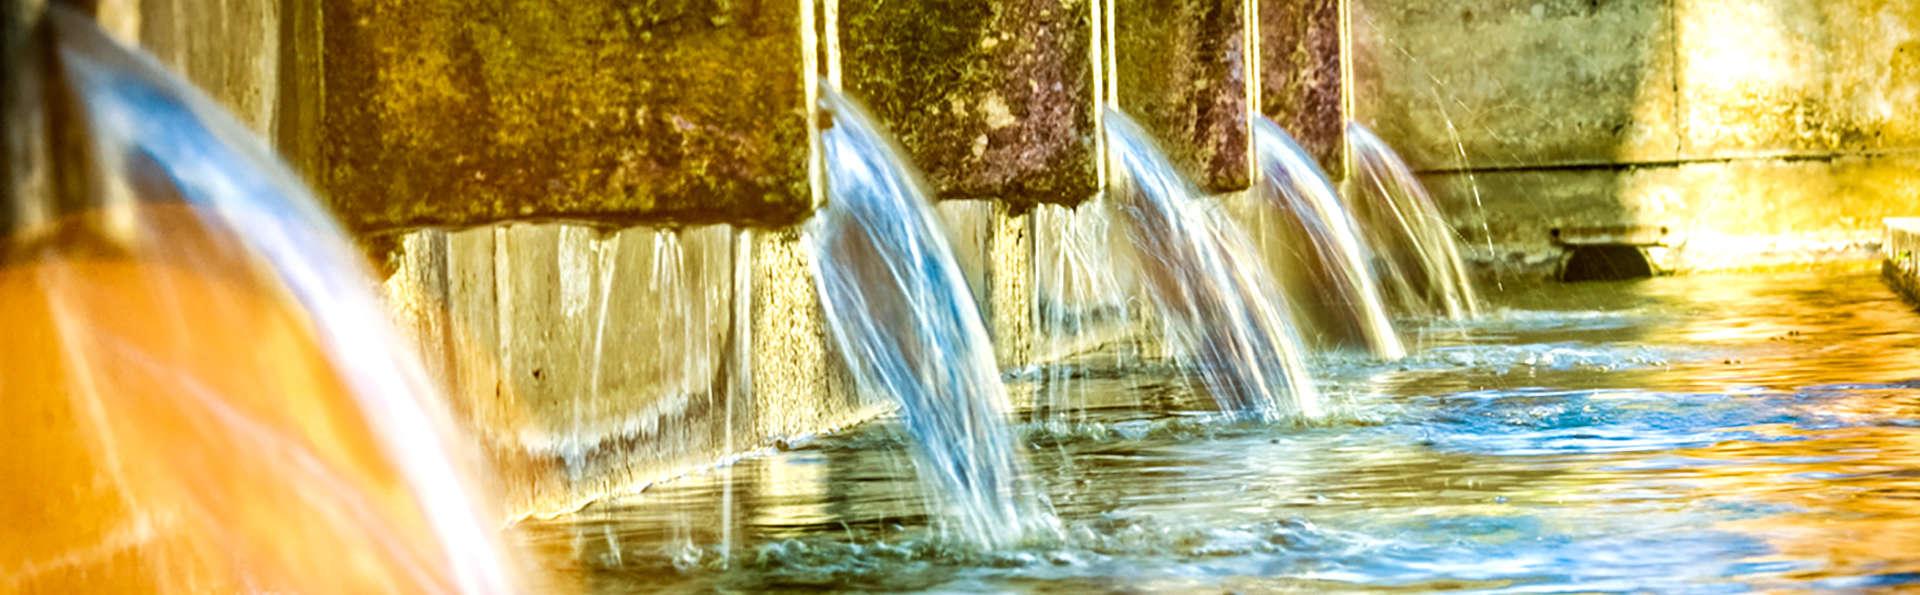 Escapada para mimarte: Acceso a la piscina termal + tratamiento a elegir cerca de Almería